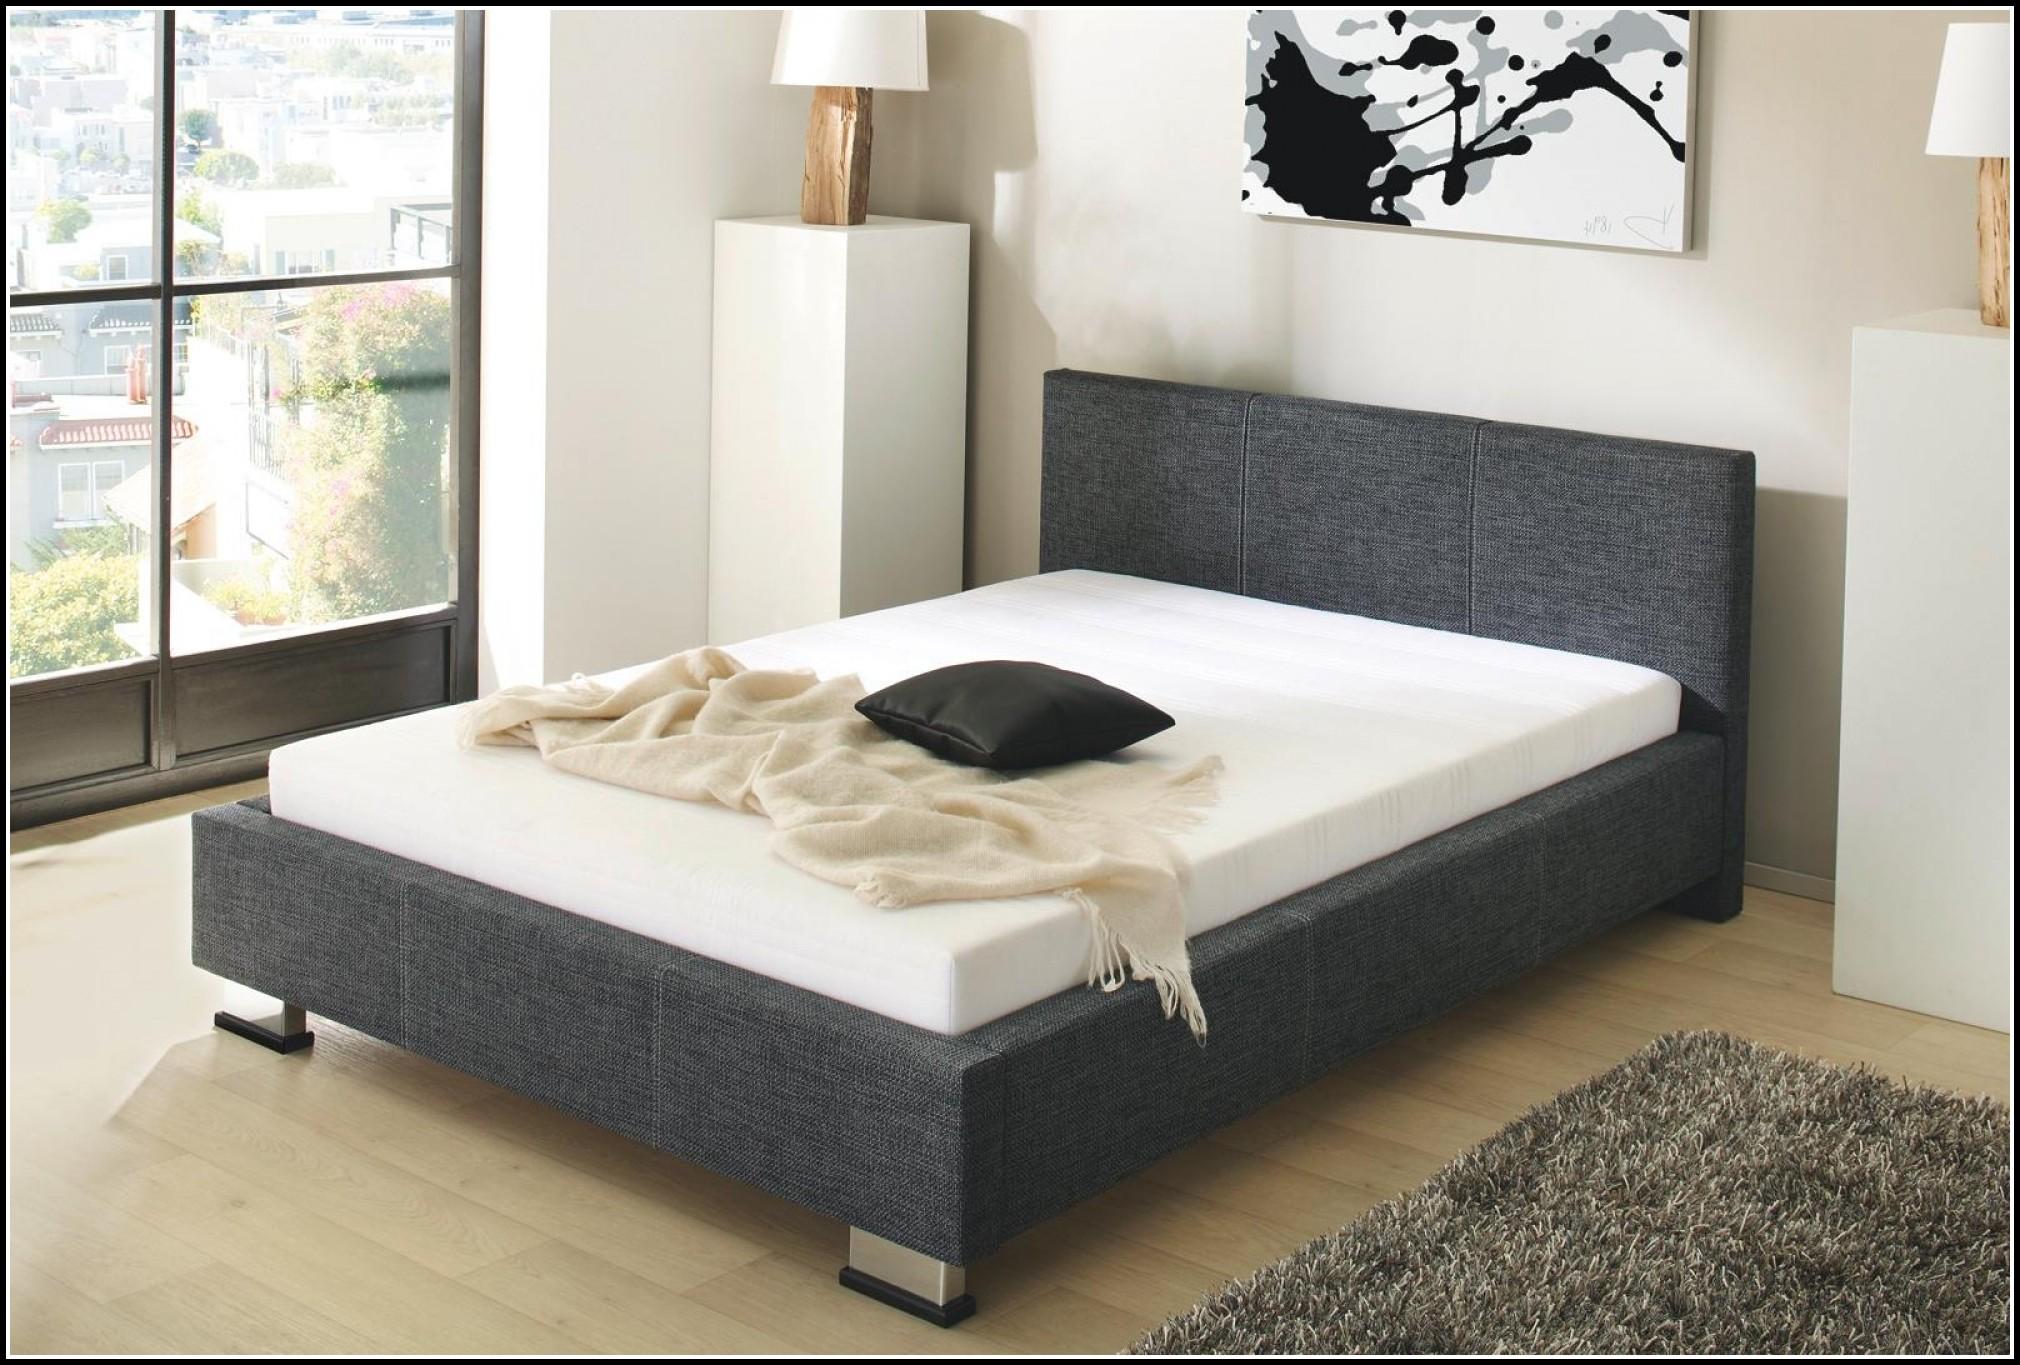 poco domane betten 160x200 betten house und dekor galerie qd1zwxmr7p. Black Bedroom Furniture Sets. Home Design Ideas